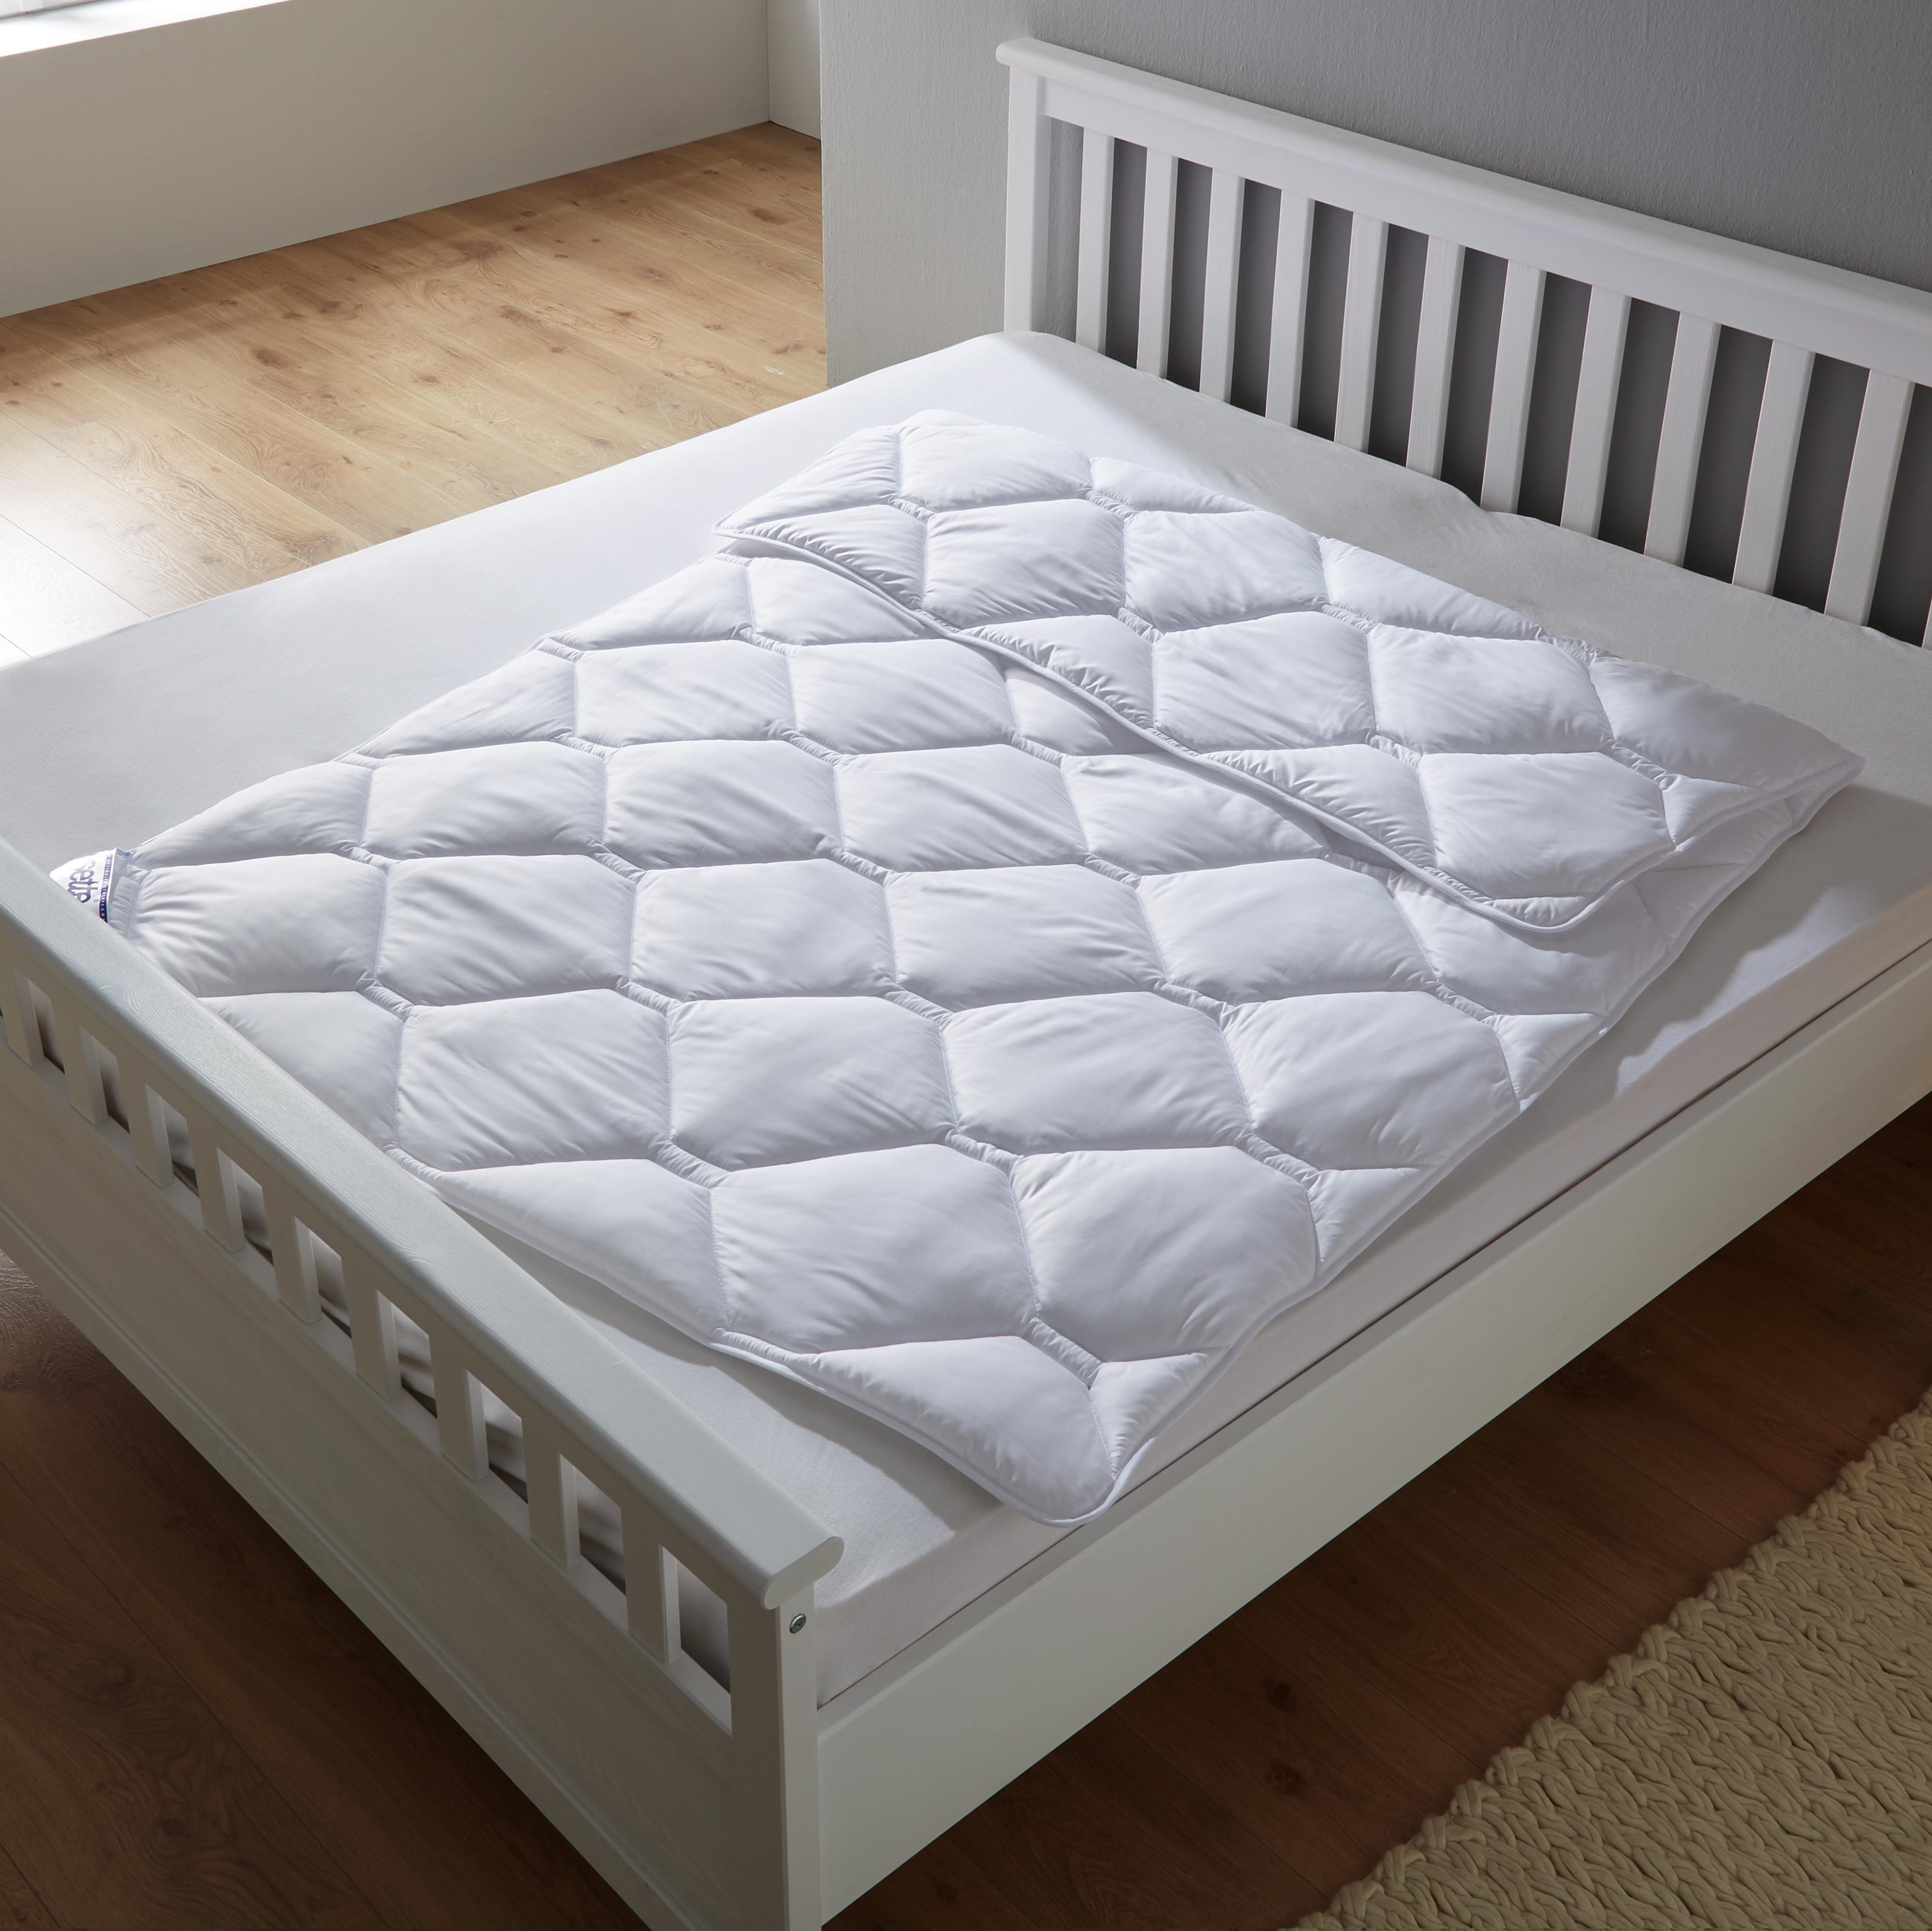 4 jahreszeiten bettdecken 155x220 ikea online shop kleiderschr nke luxus schlafzimmer grau. Black Bedroom Furniture Sets. Home Design Ideas